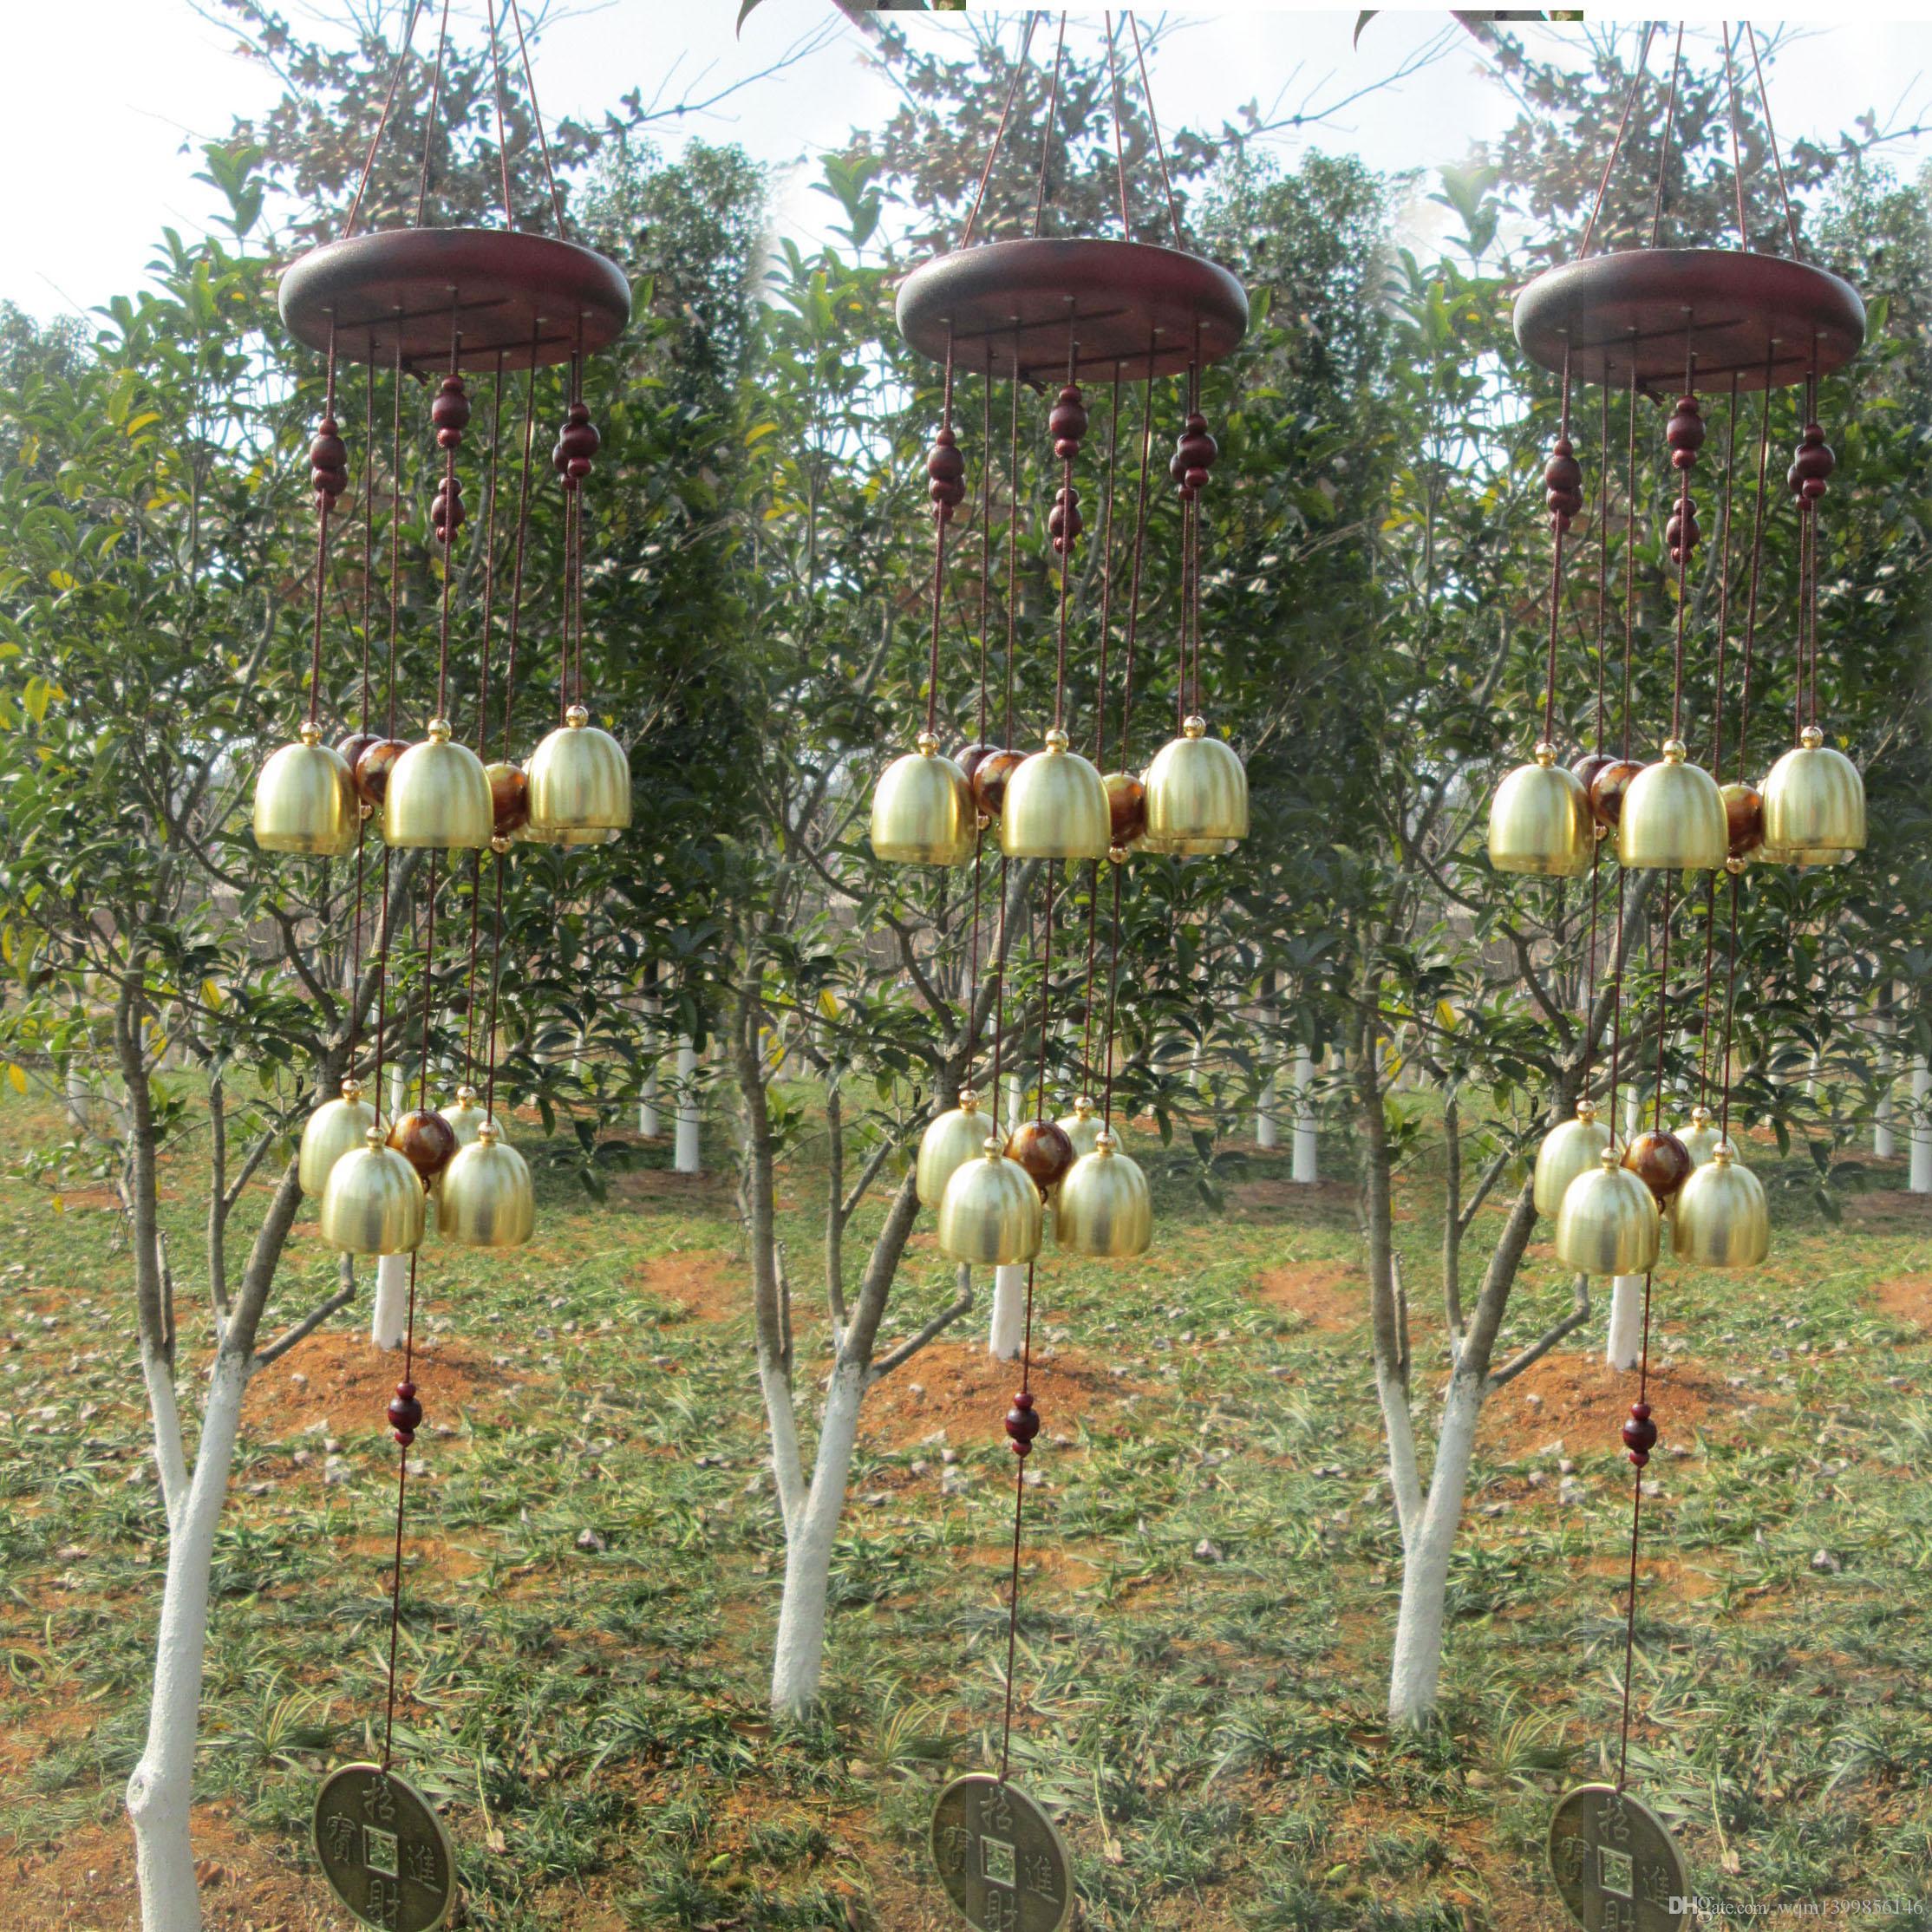 1 PCS Antique Incroyable 10 Cuivre Bell Carillons À Vent En Plein Air Jardin Windchime Hanging Home Window Décoration